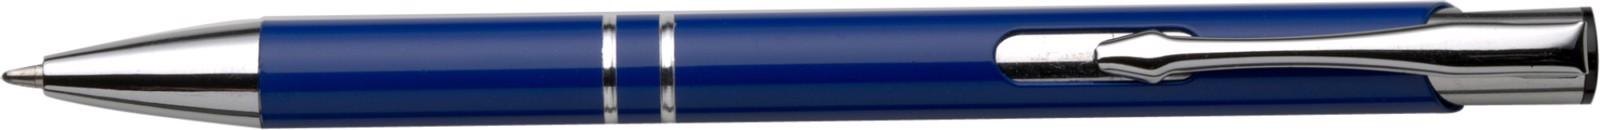 Aluminium ballpen - Cobalt Blue